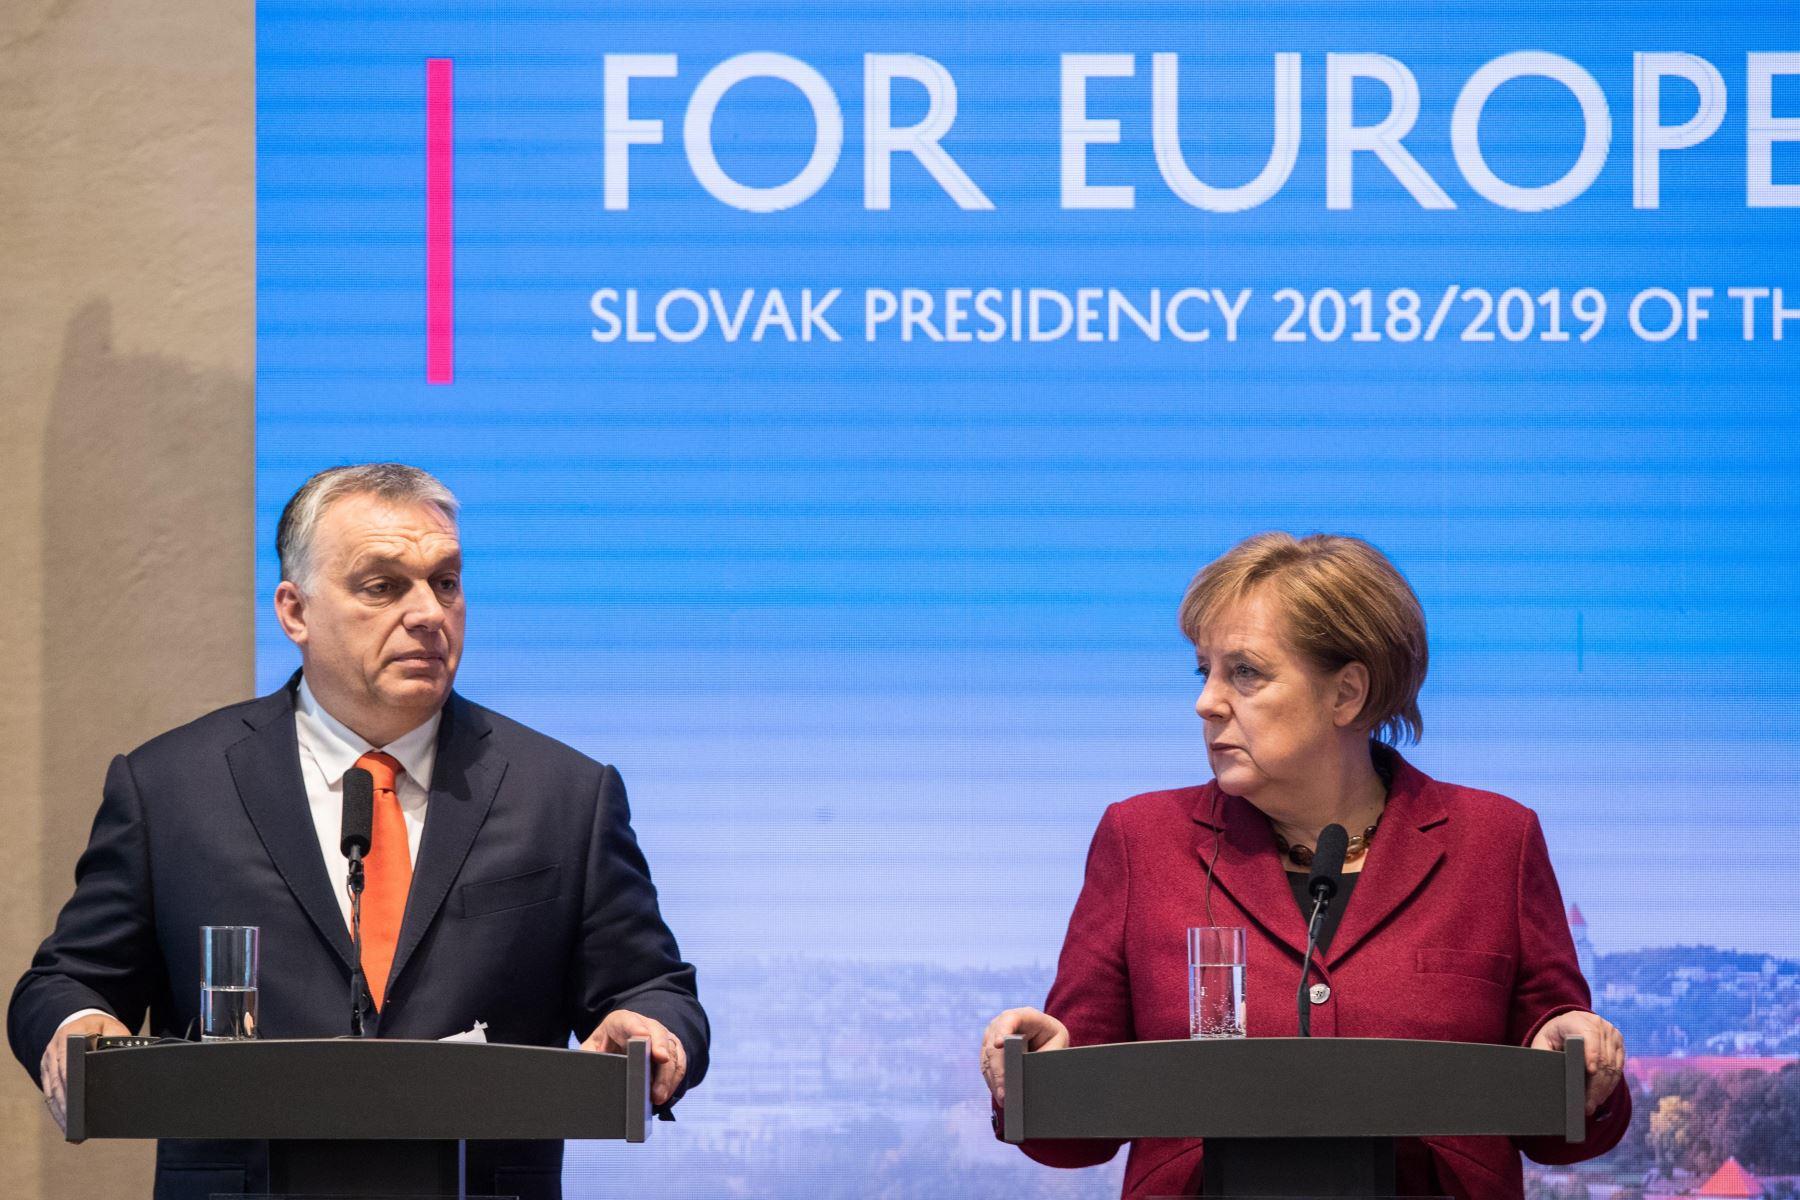 La canciller alemana Angela Merkel, junto al primer ministro de Hungría, Viktor Orbán Foto: AFP